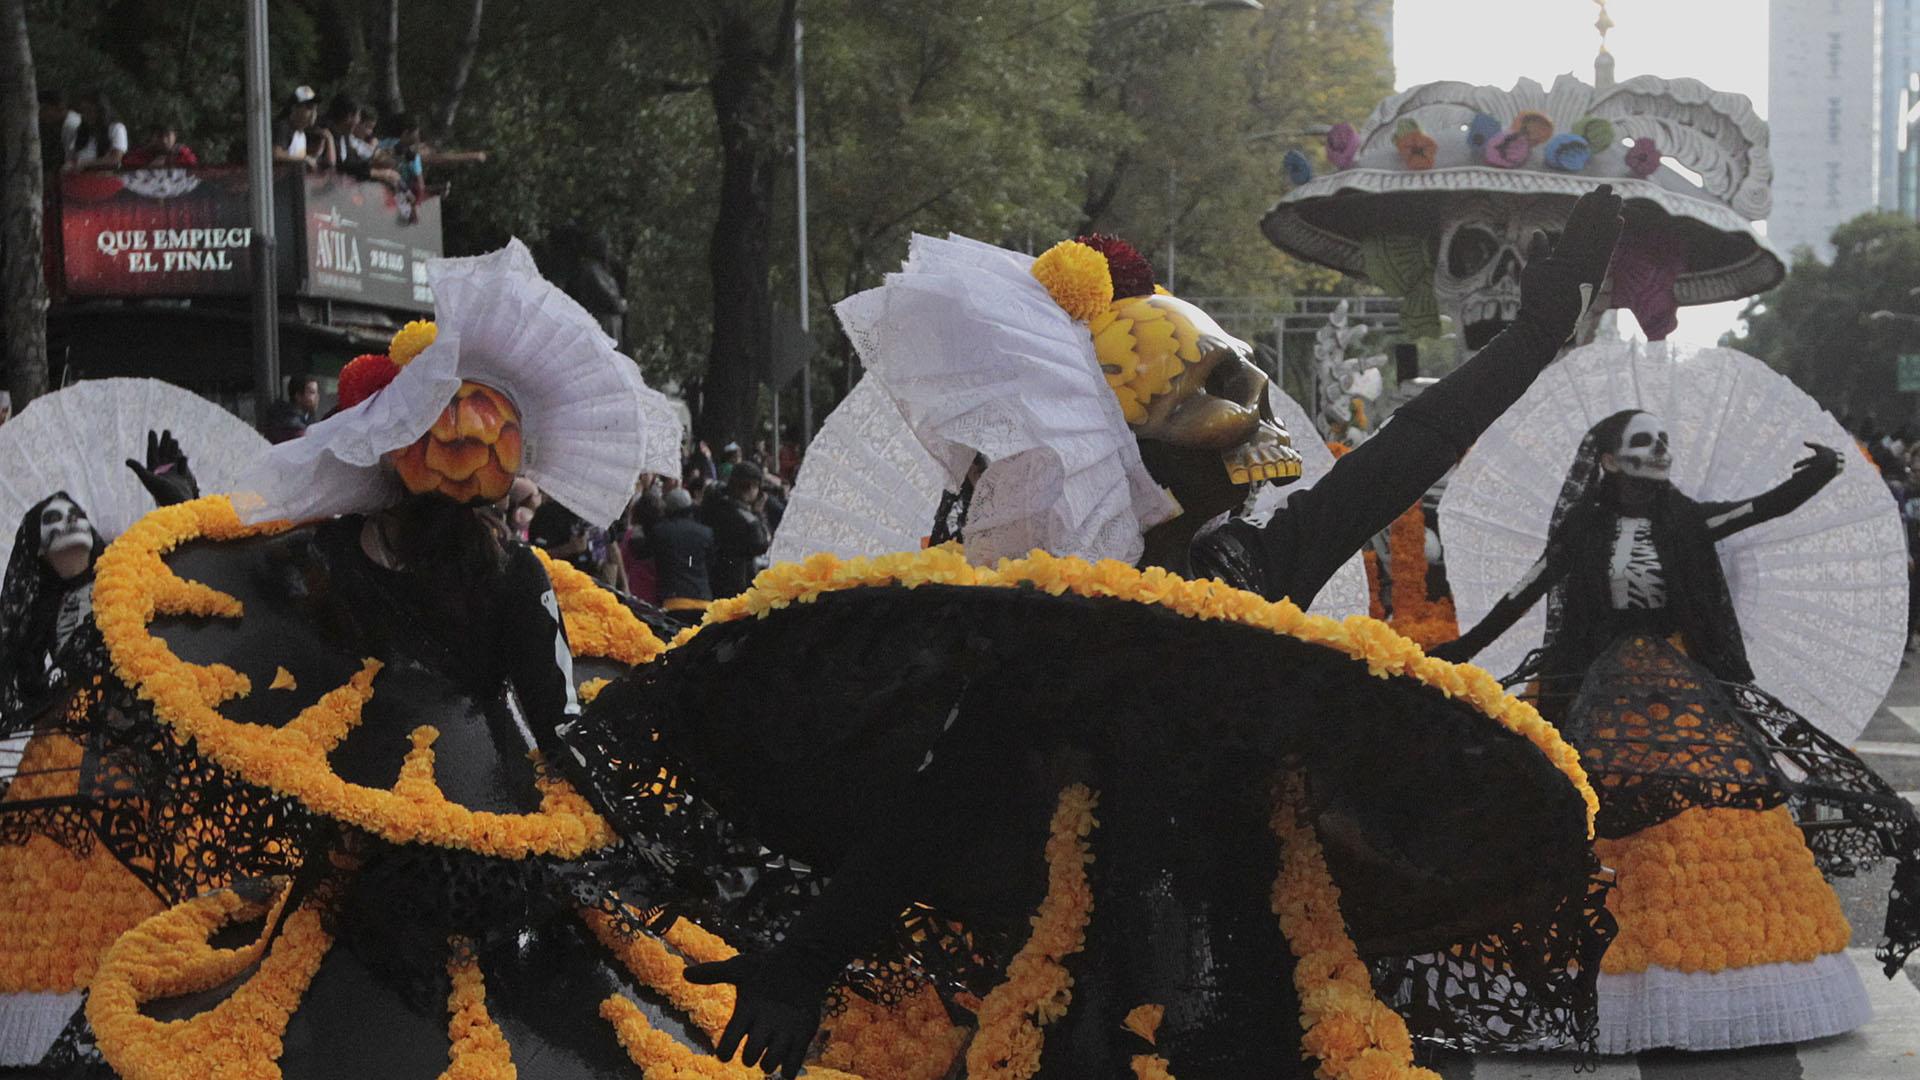 Tradicionalmente, los festejos por el Día de los Muertos en México consisten en la elaboración de altares y reuniones en las tumbas de los familiares fallecidos, llevándoles música, bebida y conversación el 1 y el 2 de noviembre